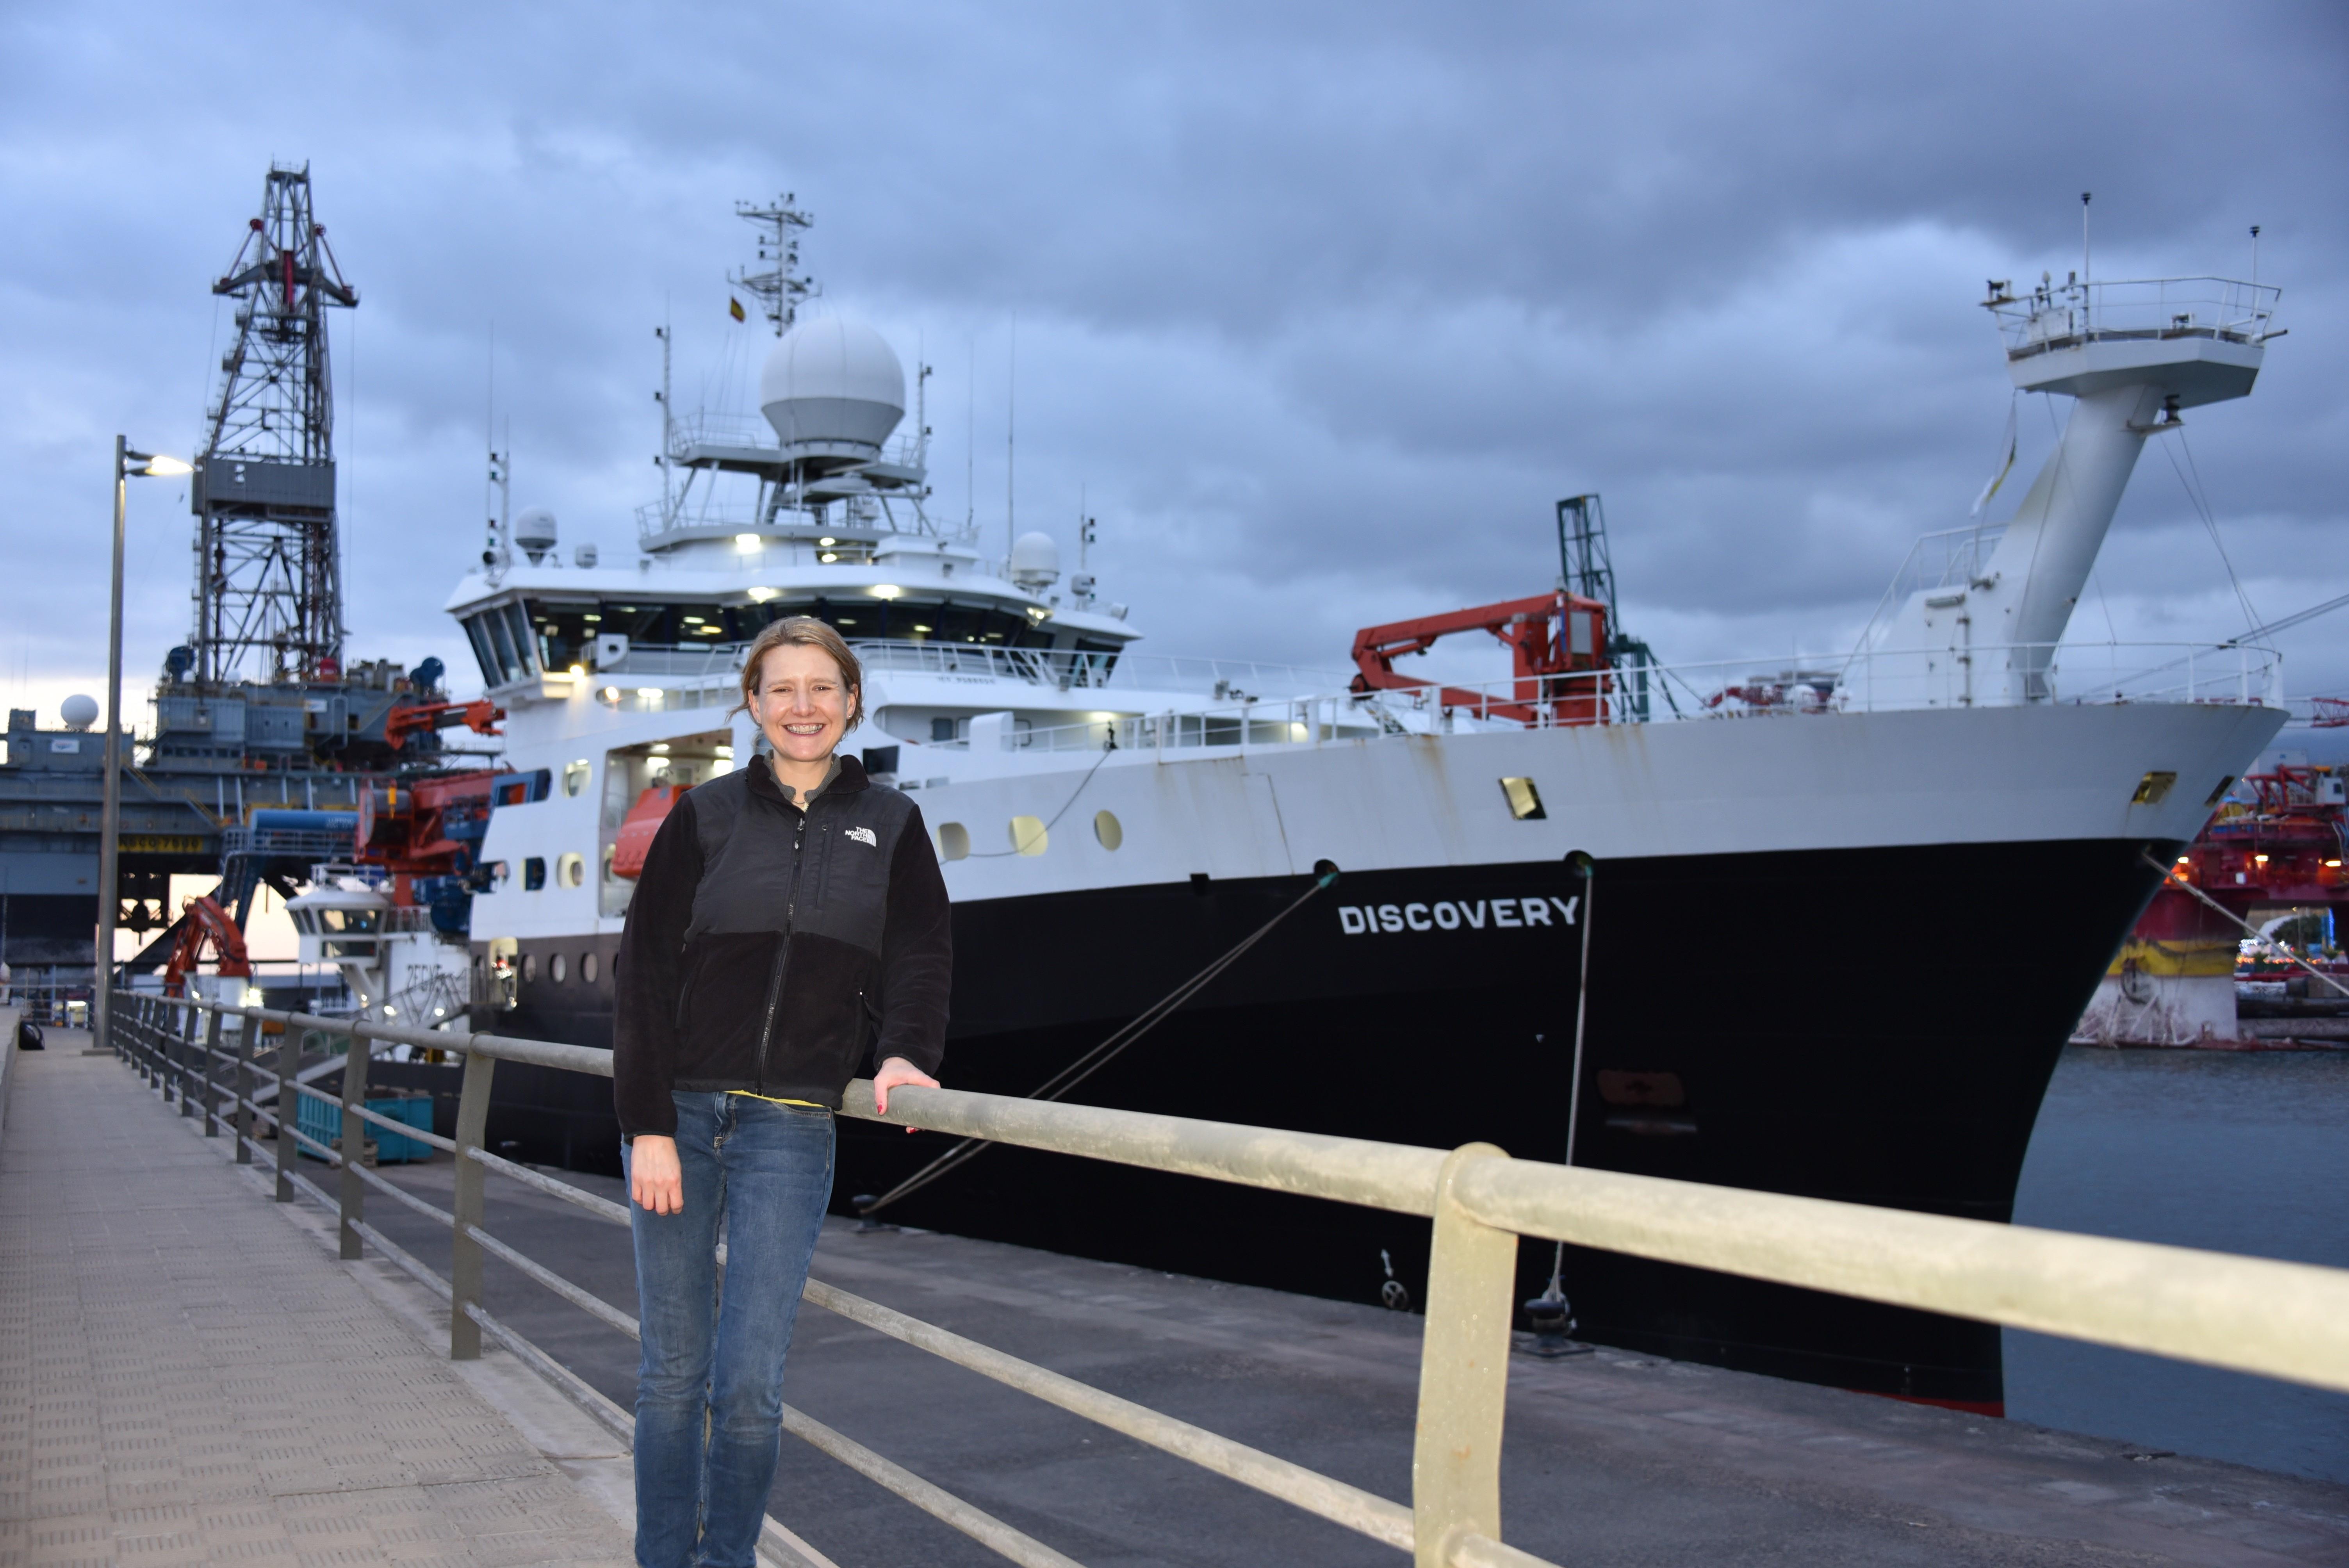 凯特·莱切尔特(Kate Rychert)博士正在大西洋海底进行地震实验,以更好地了解海床。  图片来源:Saikiran Tharimena